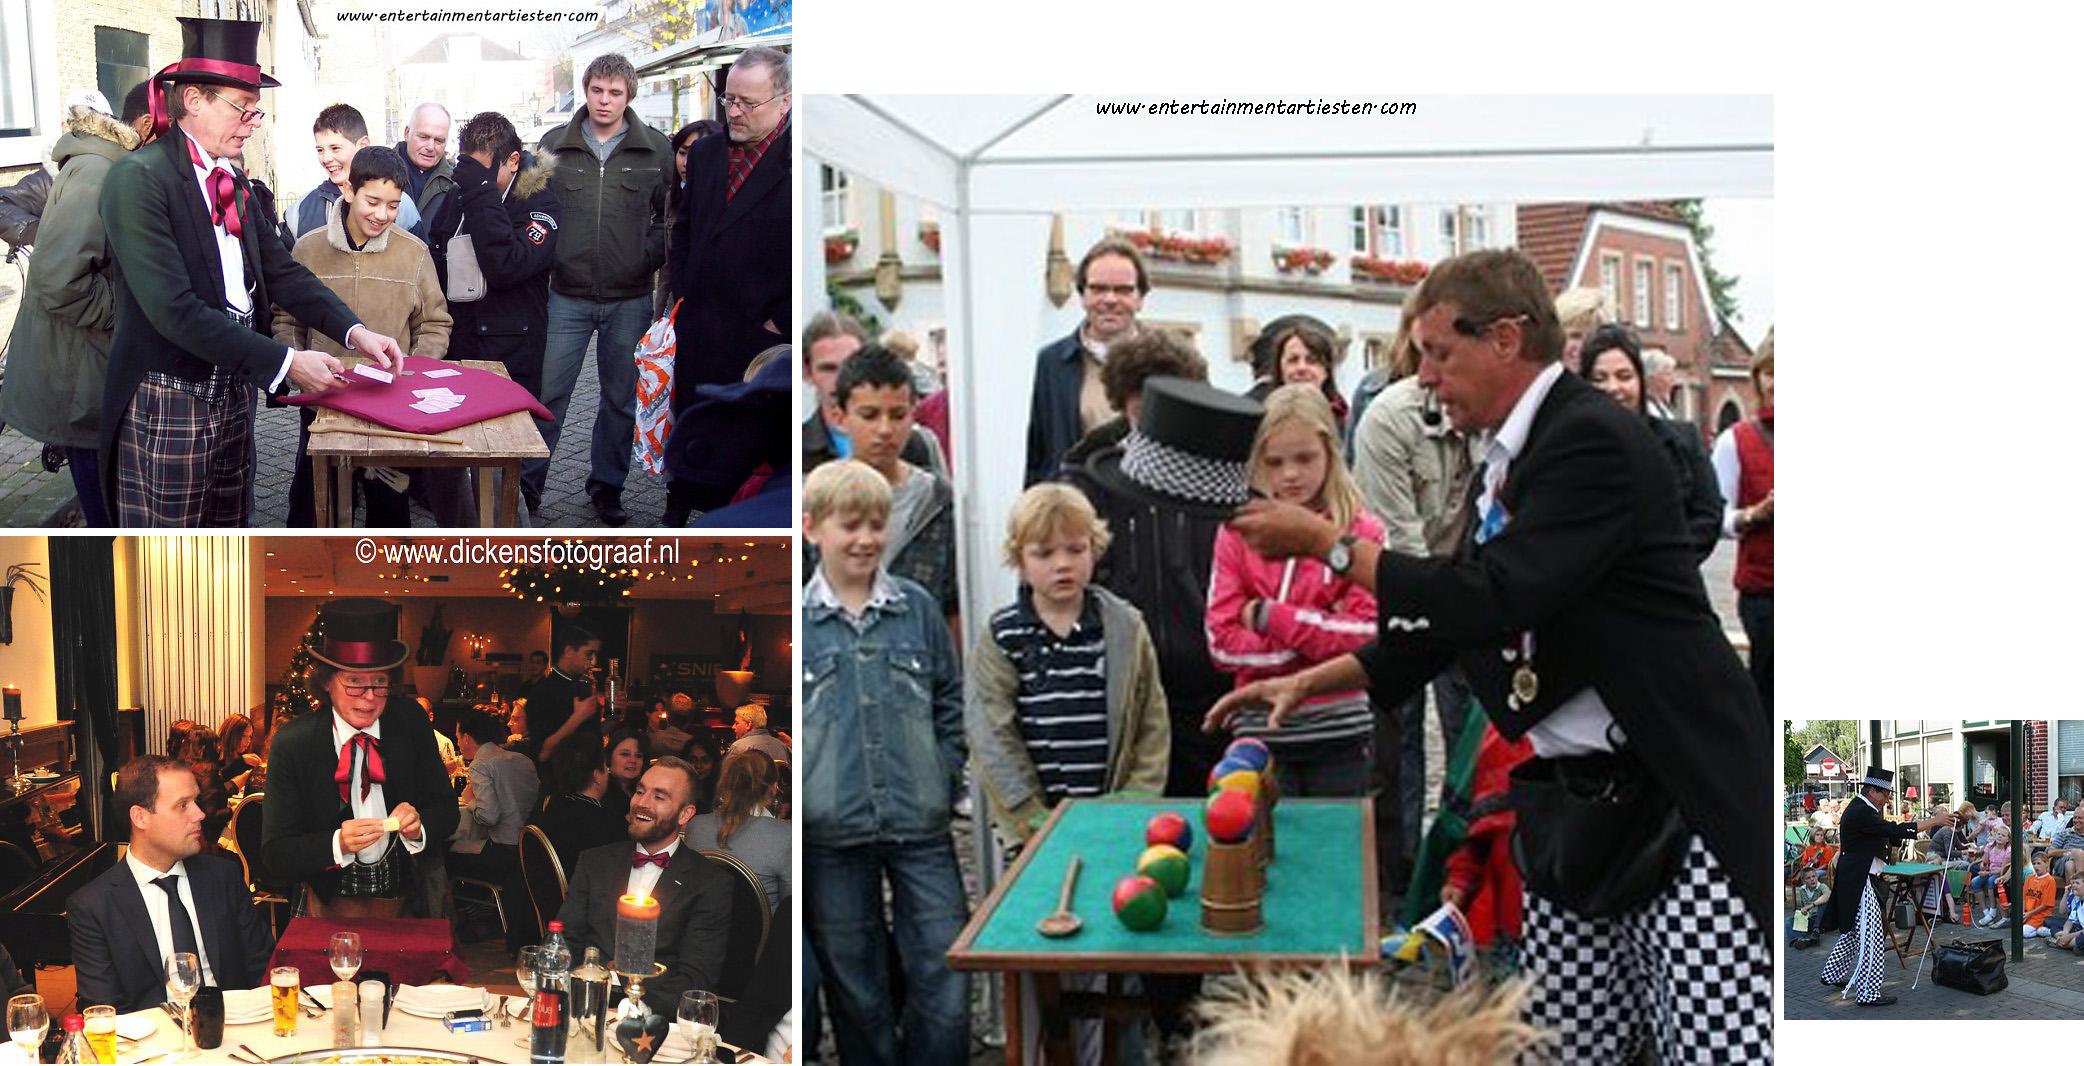 Goochelaar - Tafelgoochelen ook geschikt als straatgoochelaar, entertainment boeken, straattheater, artiesten inhuren, Govers Evenementen, www.goversartiesten.nl